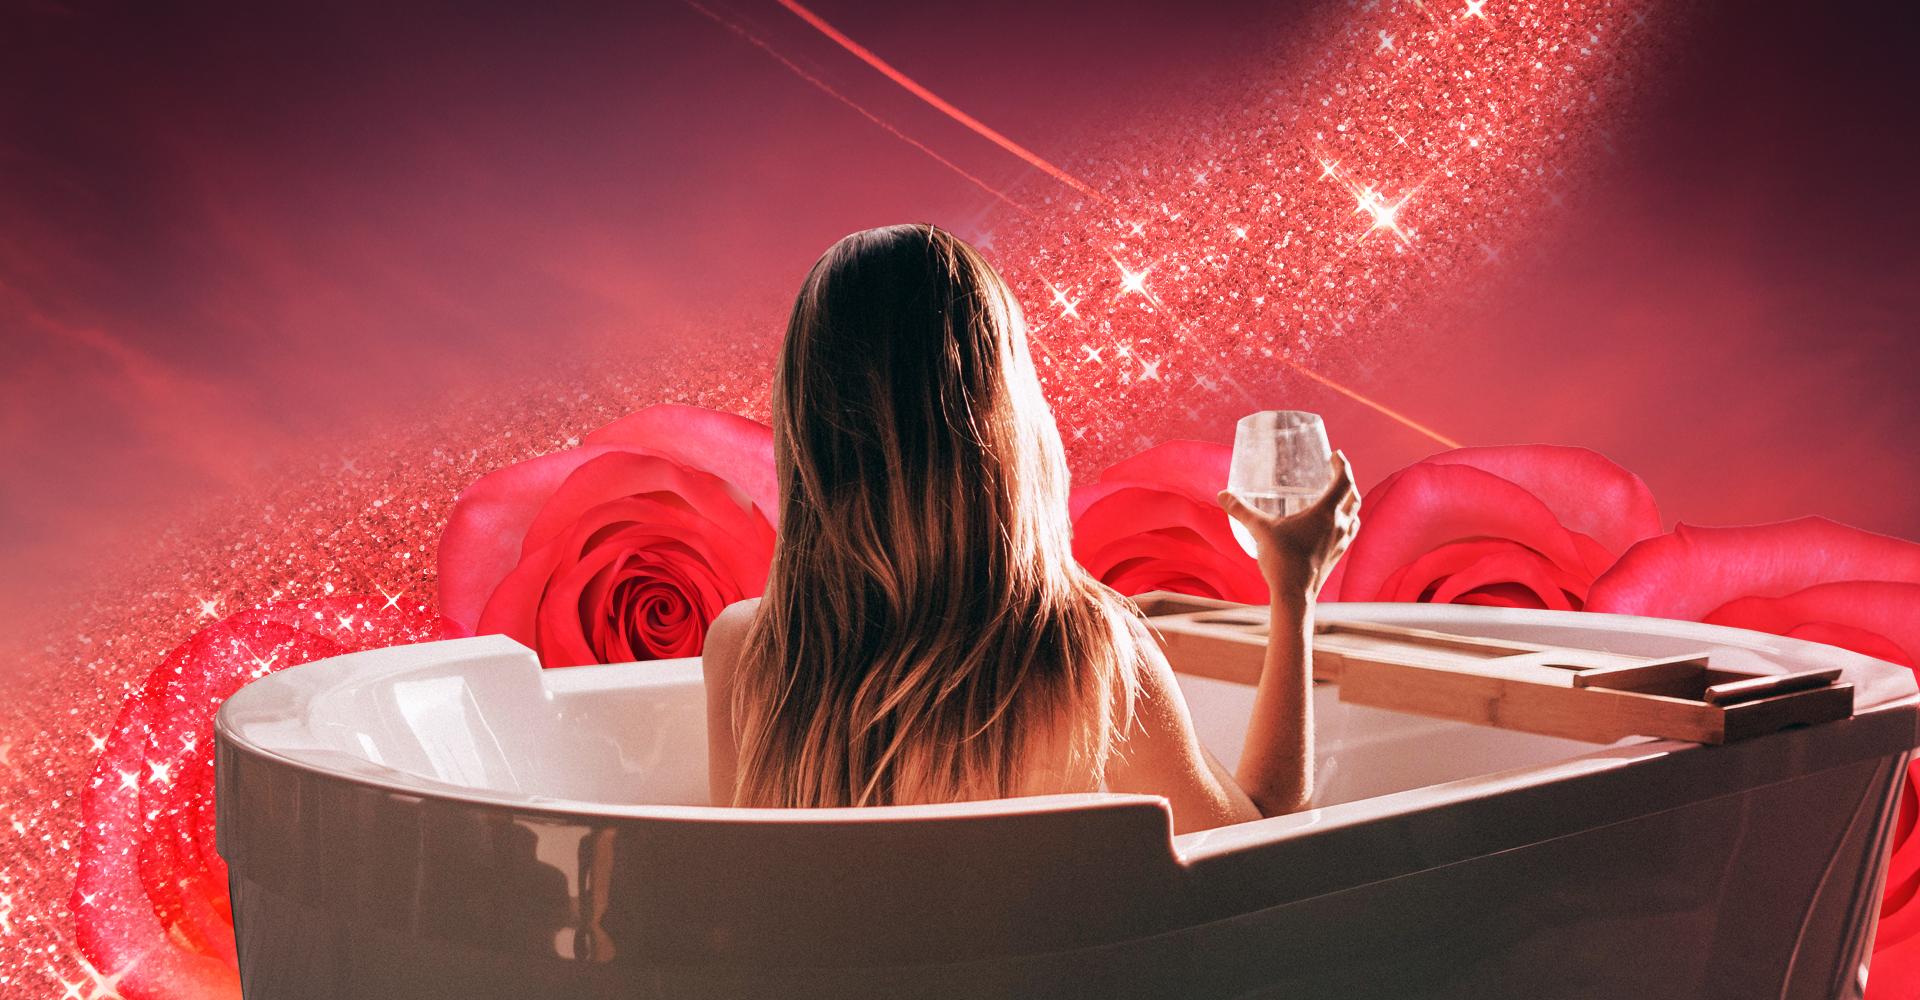 Bagno caldo quotidiano = tantissimi benefici su corpo e mente!